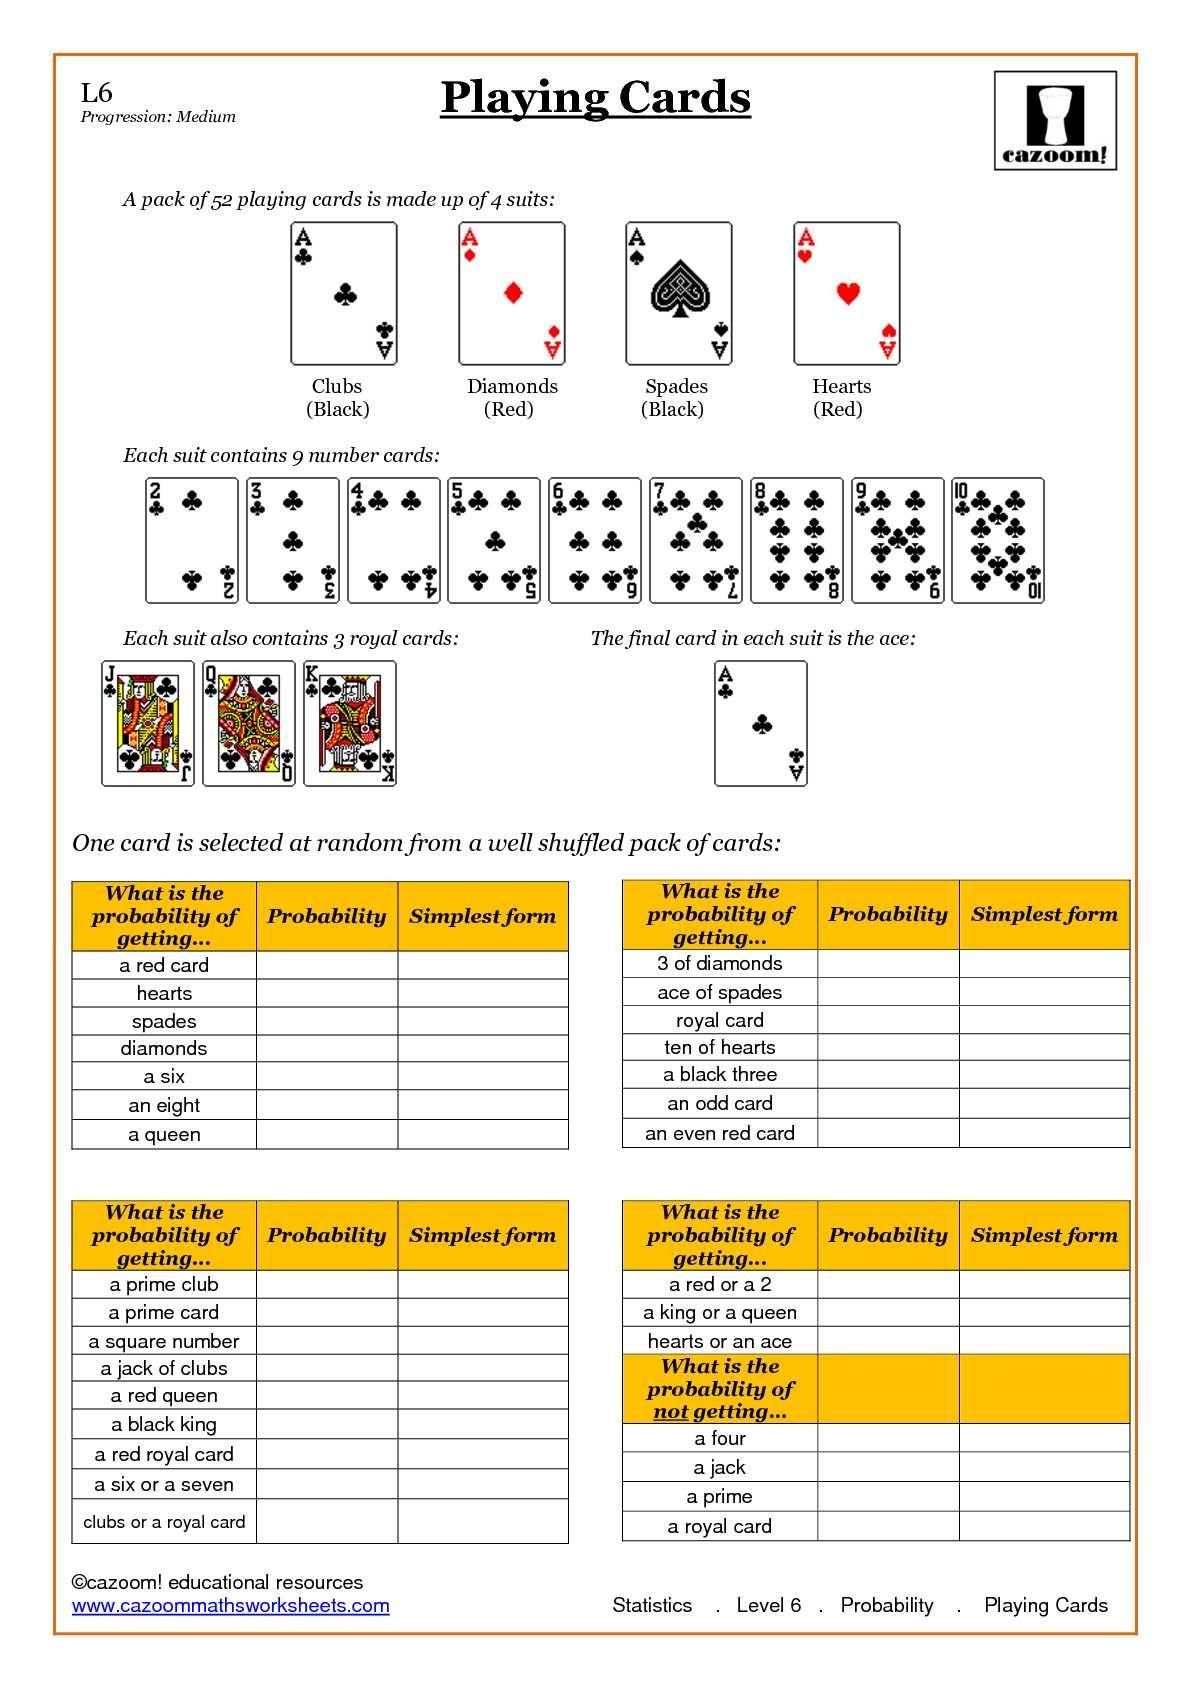 Statistic Maths Worksheets - Free Printable Statistics Worksheets | Free Printable Statistics Worksheets